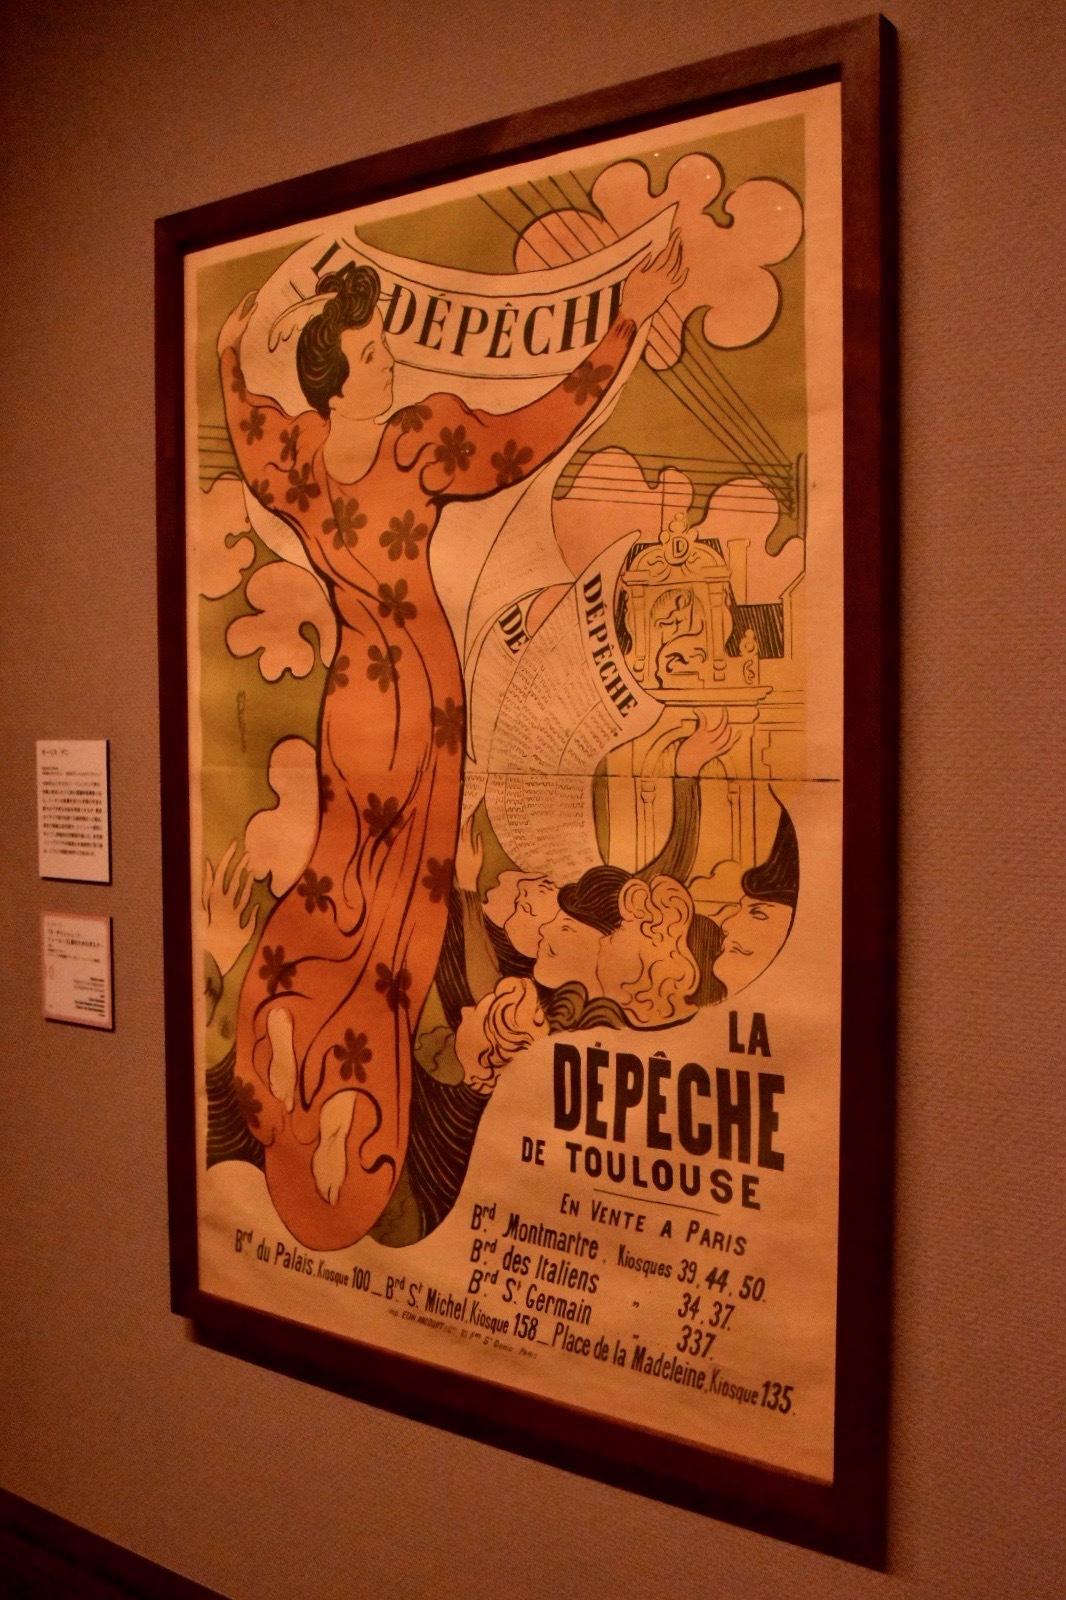 モーリス・ドニ《『ラ・デペッシュ・ド・トゥールーズ』紙のためのポスター》1892年